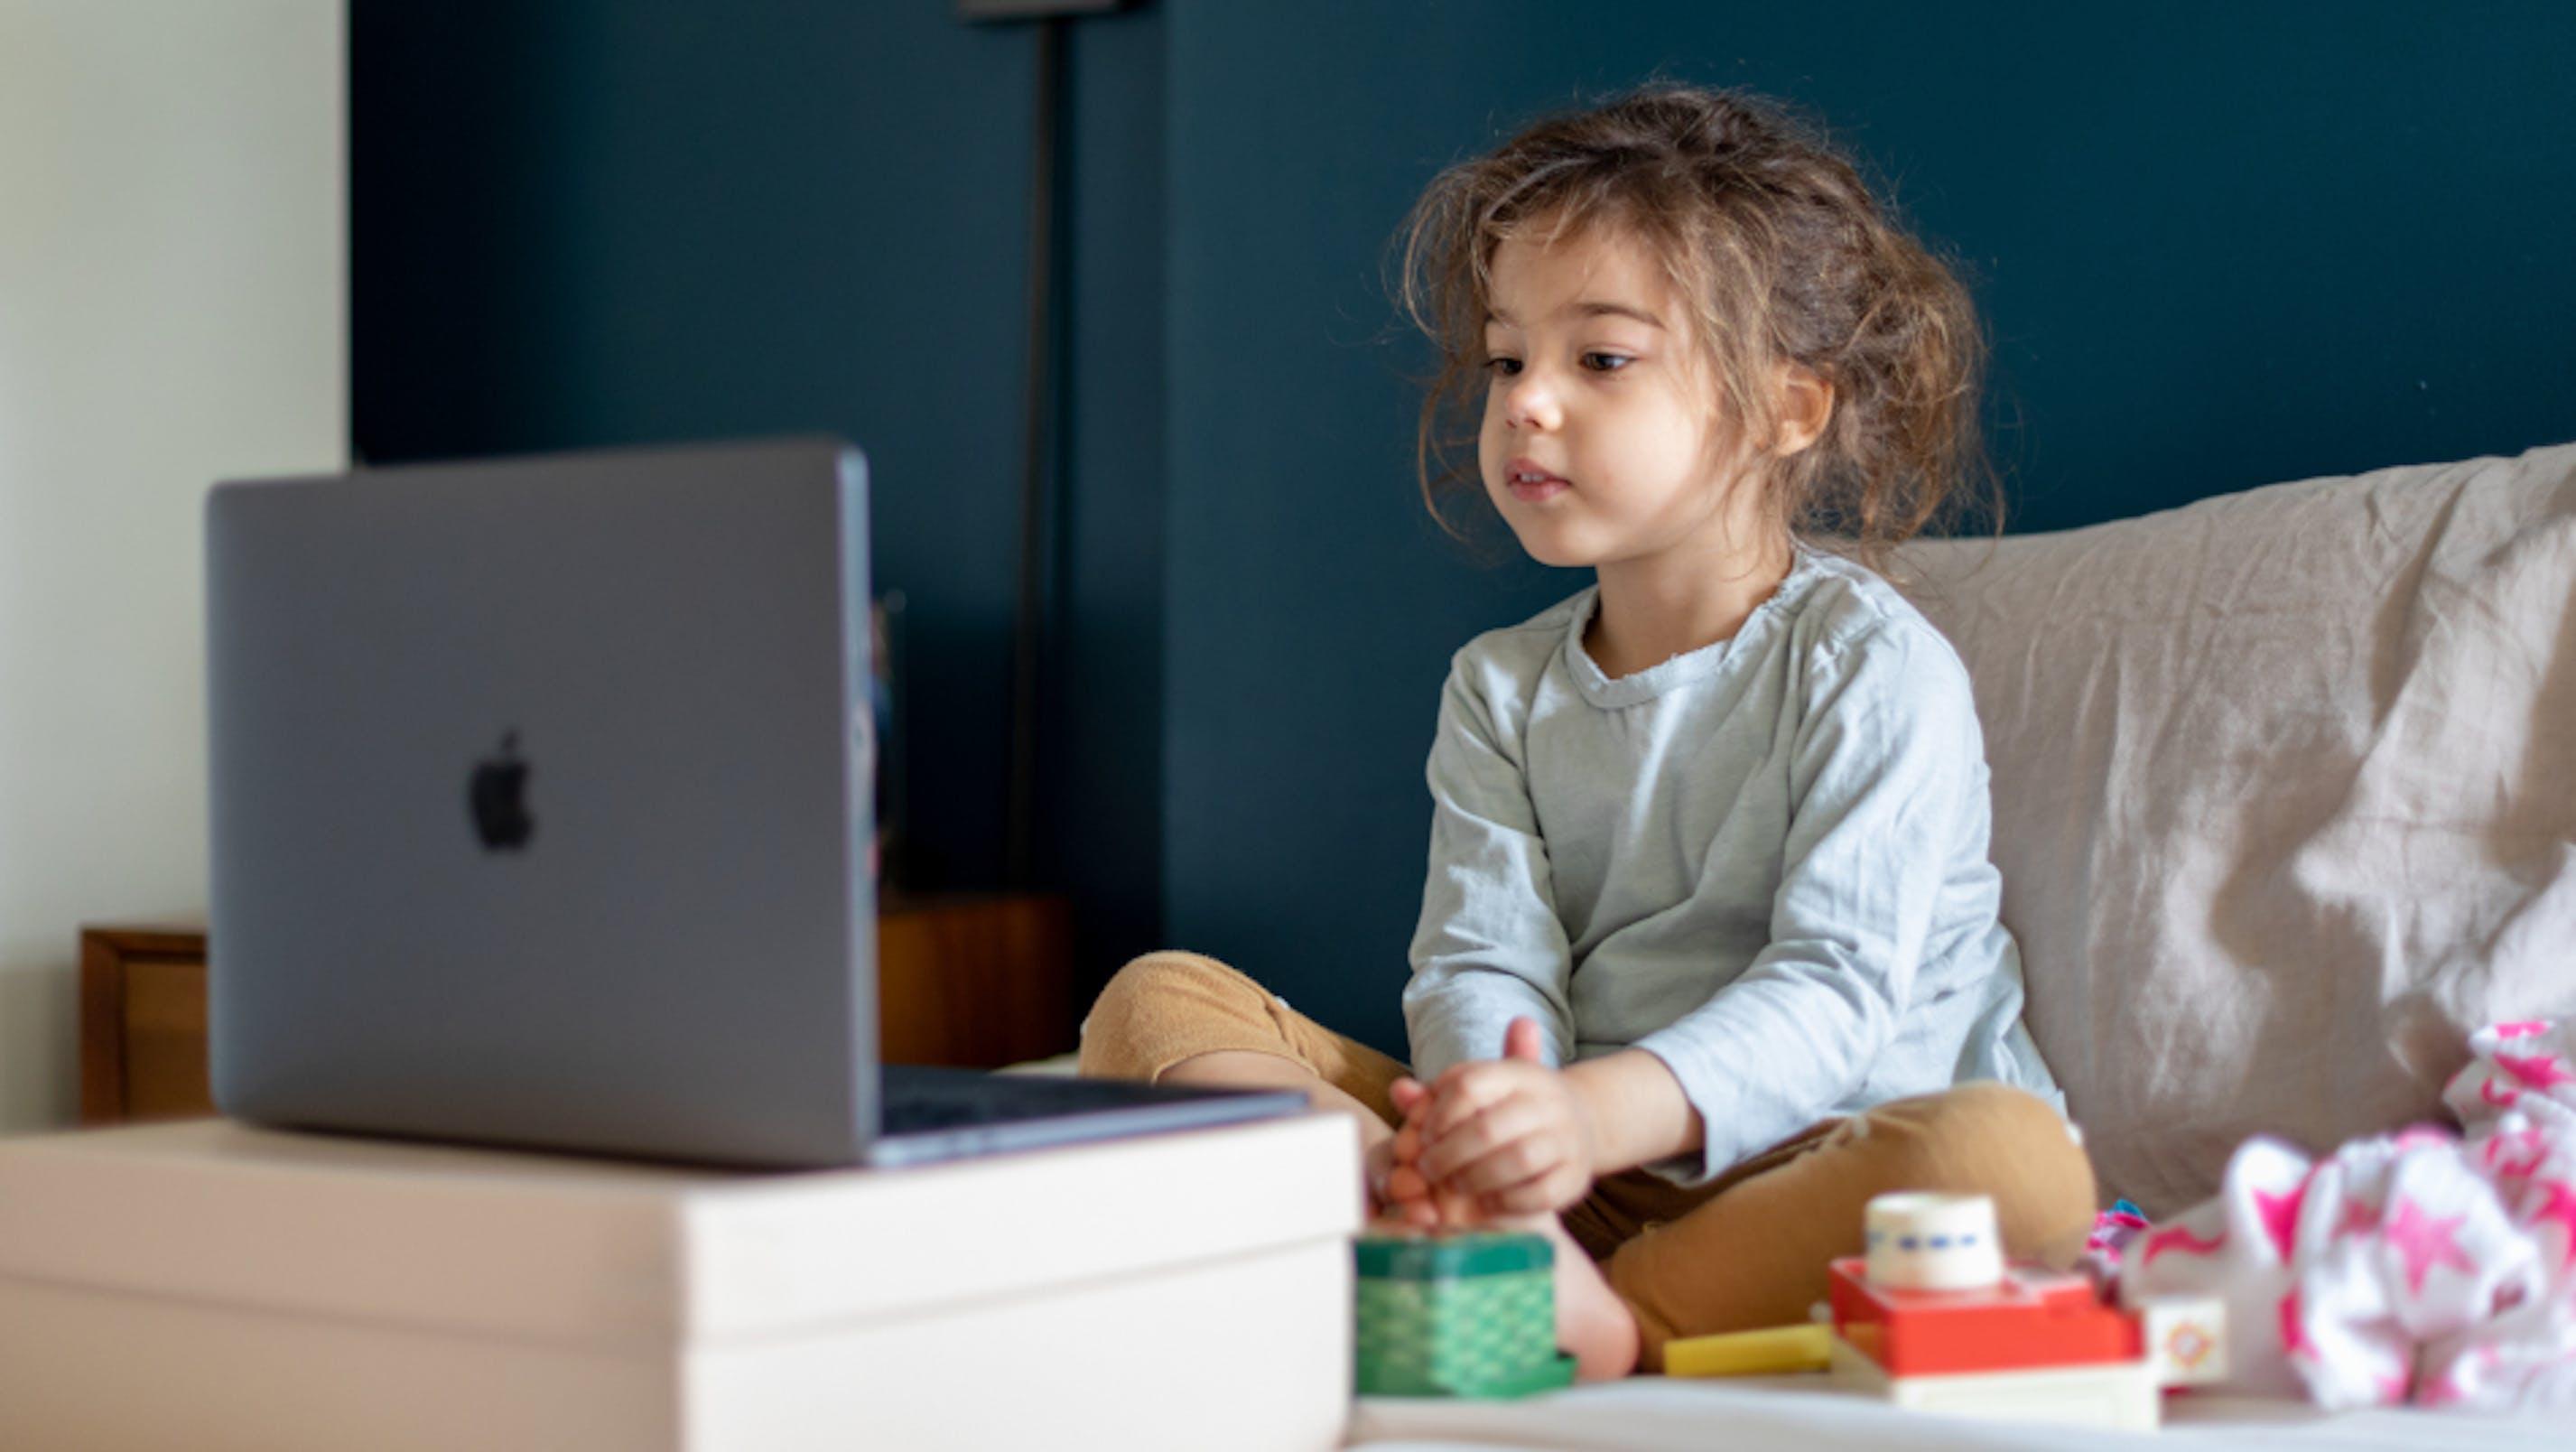 Bambina in videochat davanti al computer